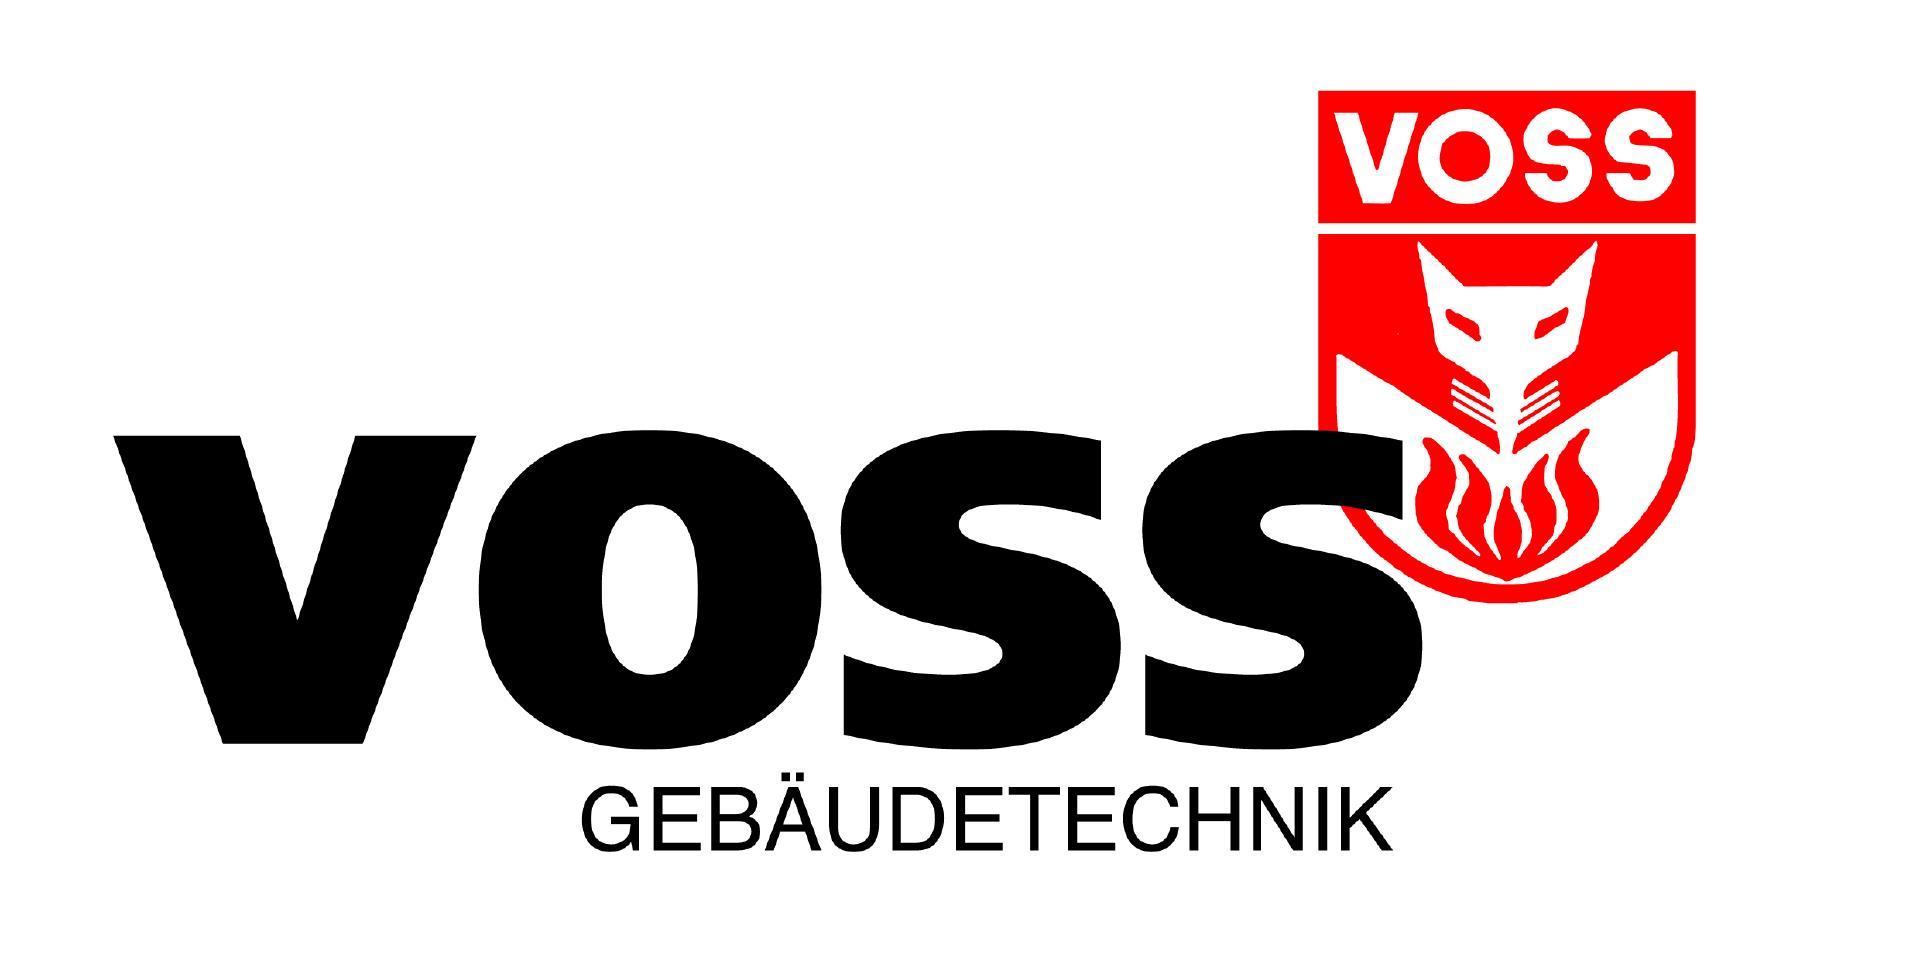 zum Bild:<br>Logo Heinrich VOSS Gebäudetechnik GmbH.